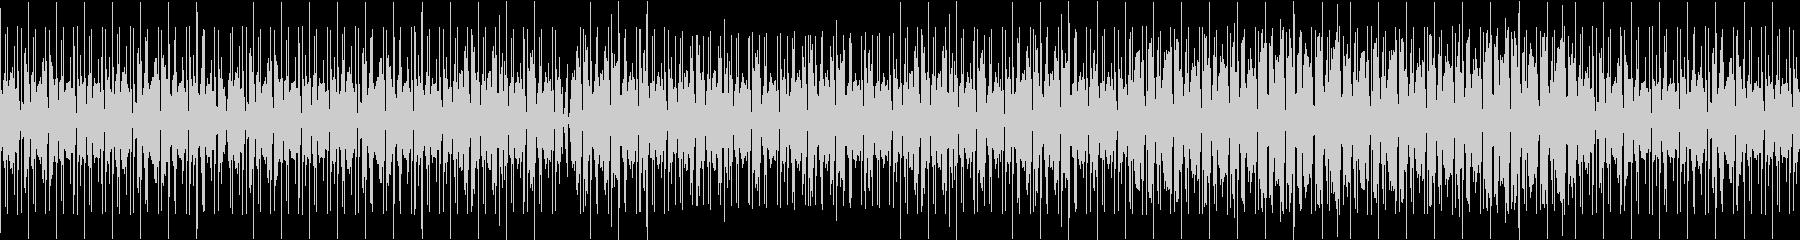 クールなチルホップ系BGMの未再生の波形